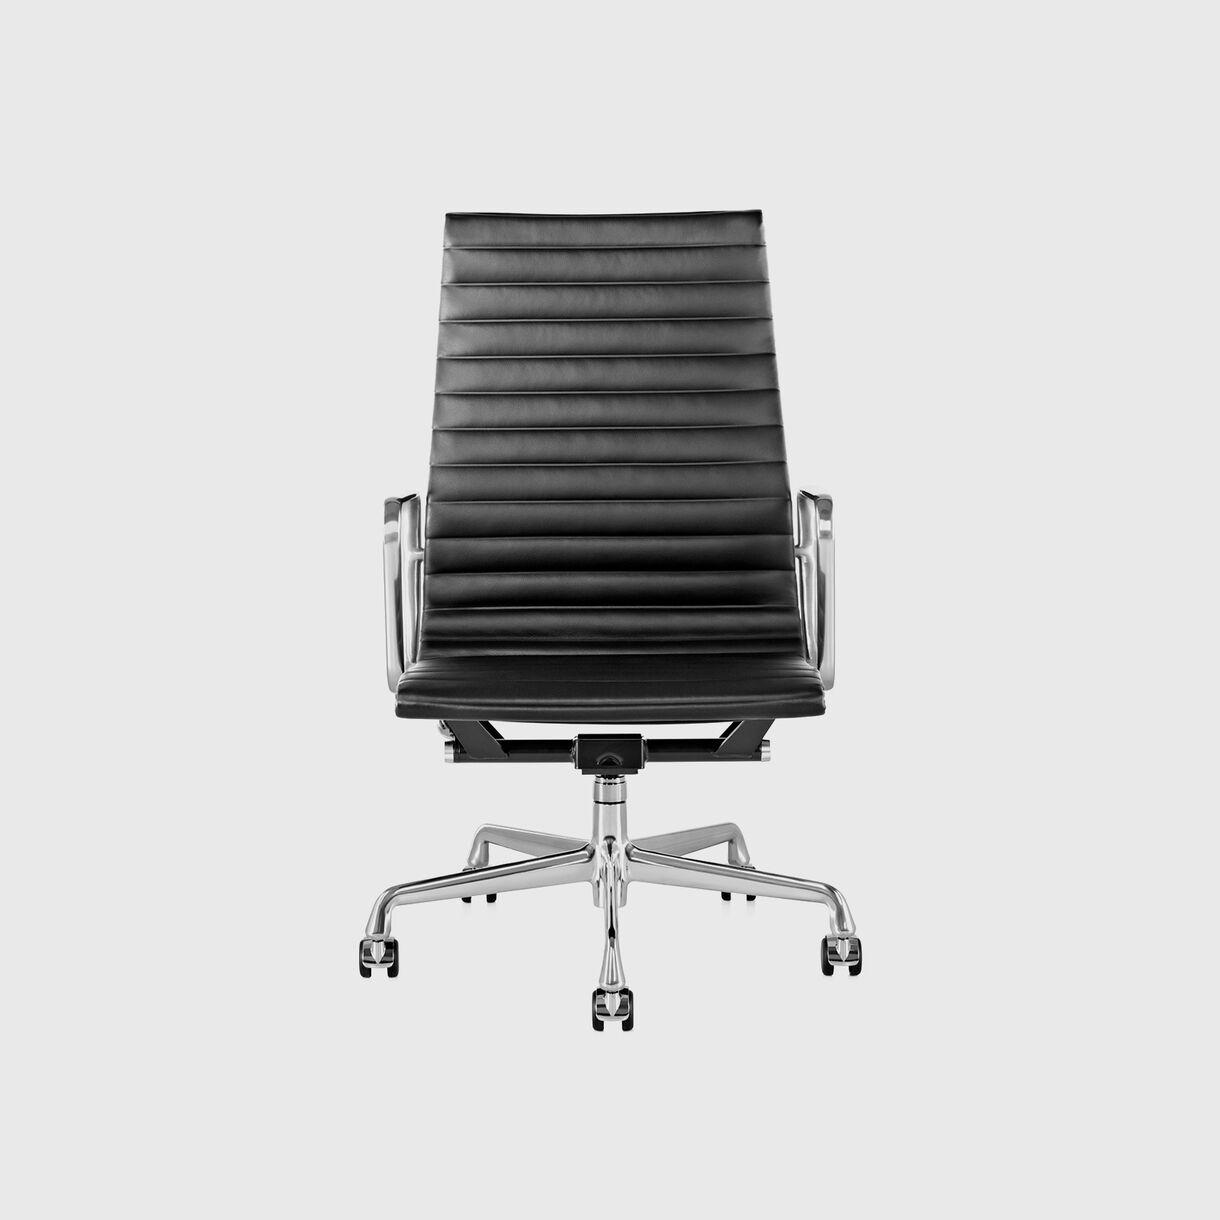 Eames Aluminium Group Executive Chair